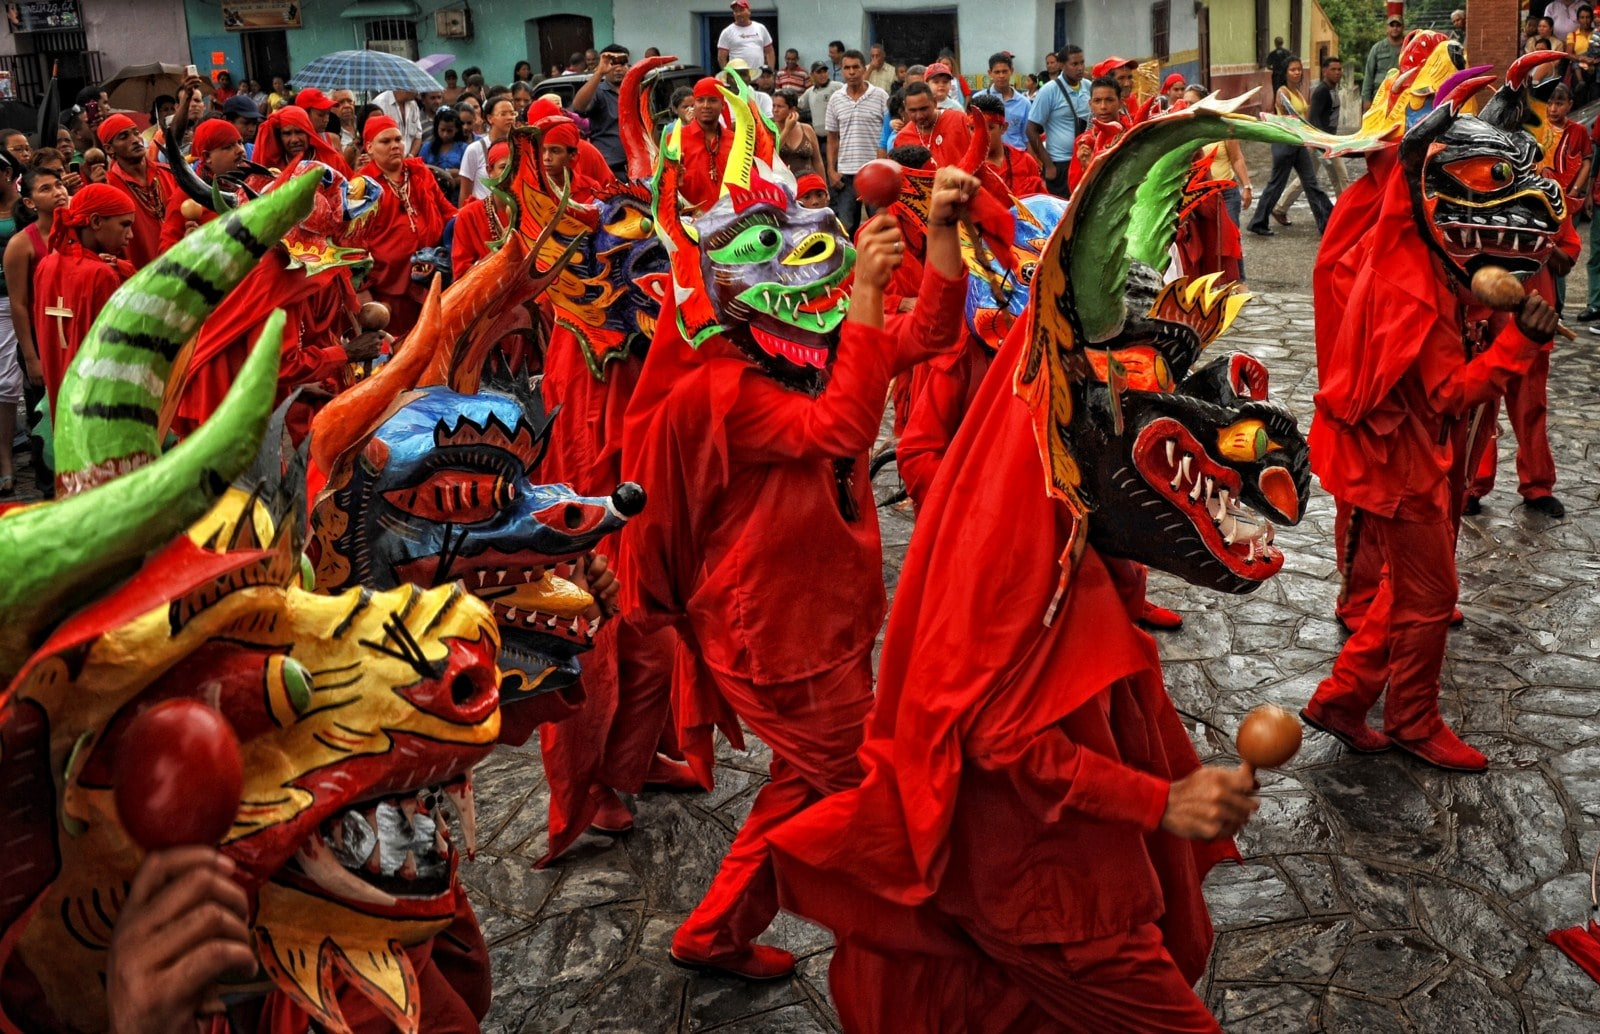 fiestas-tradicionales-de-venezuela-14